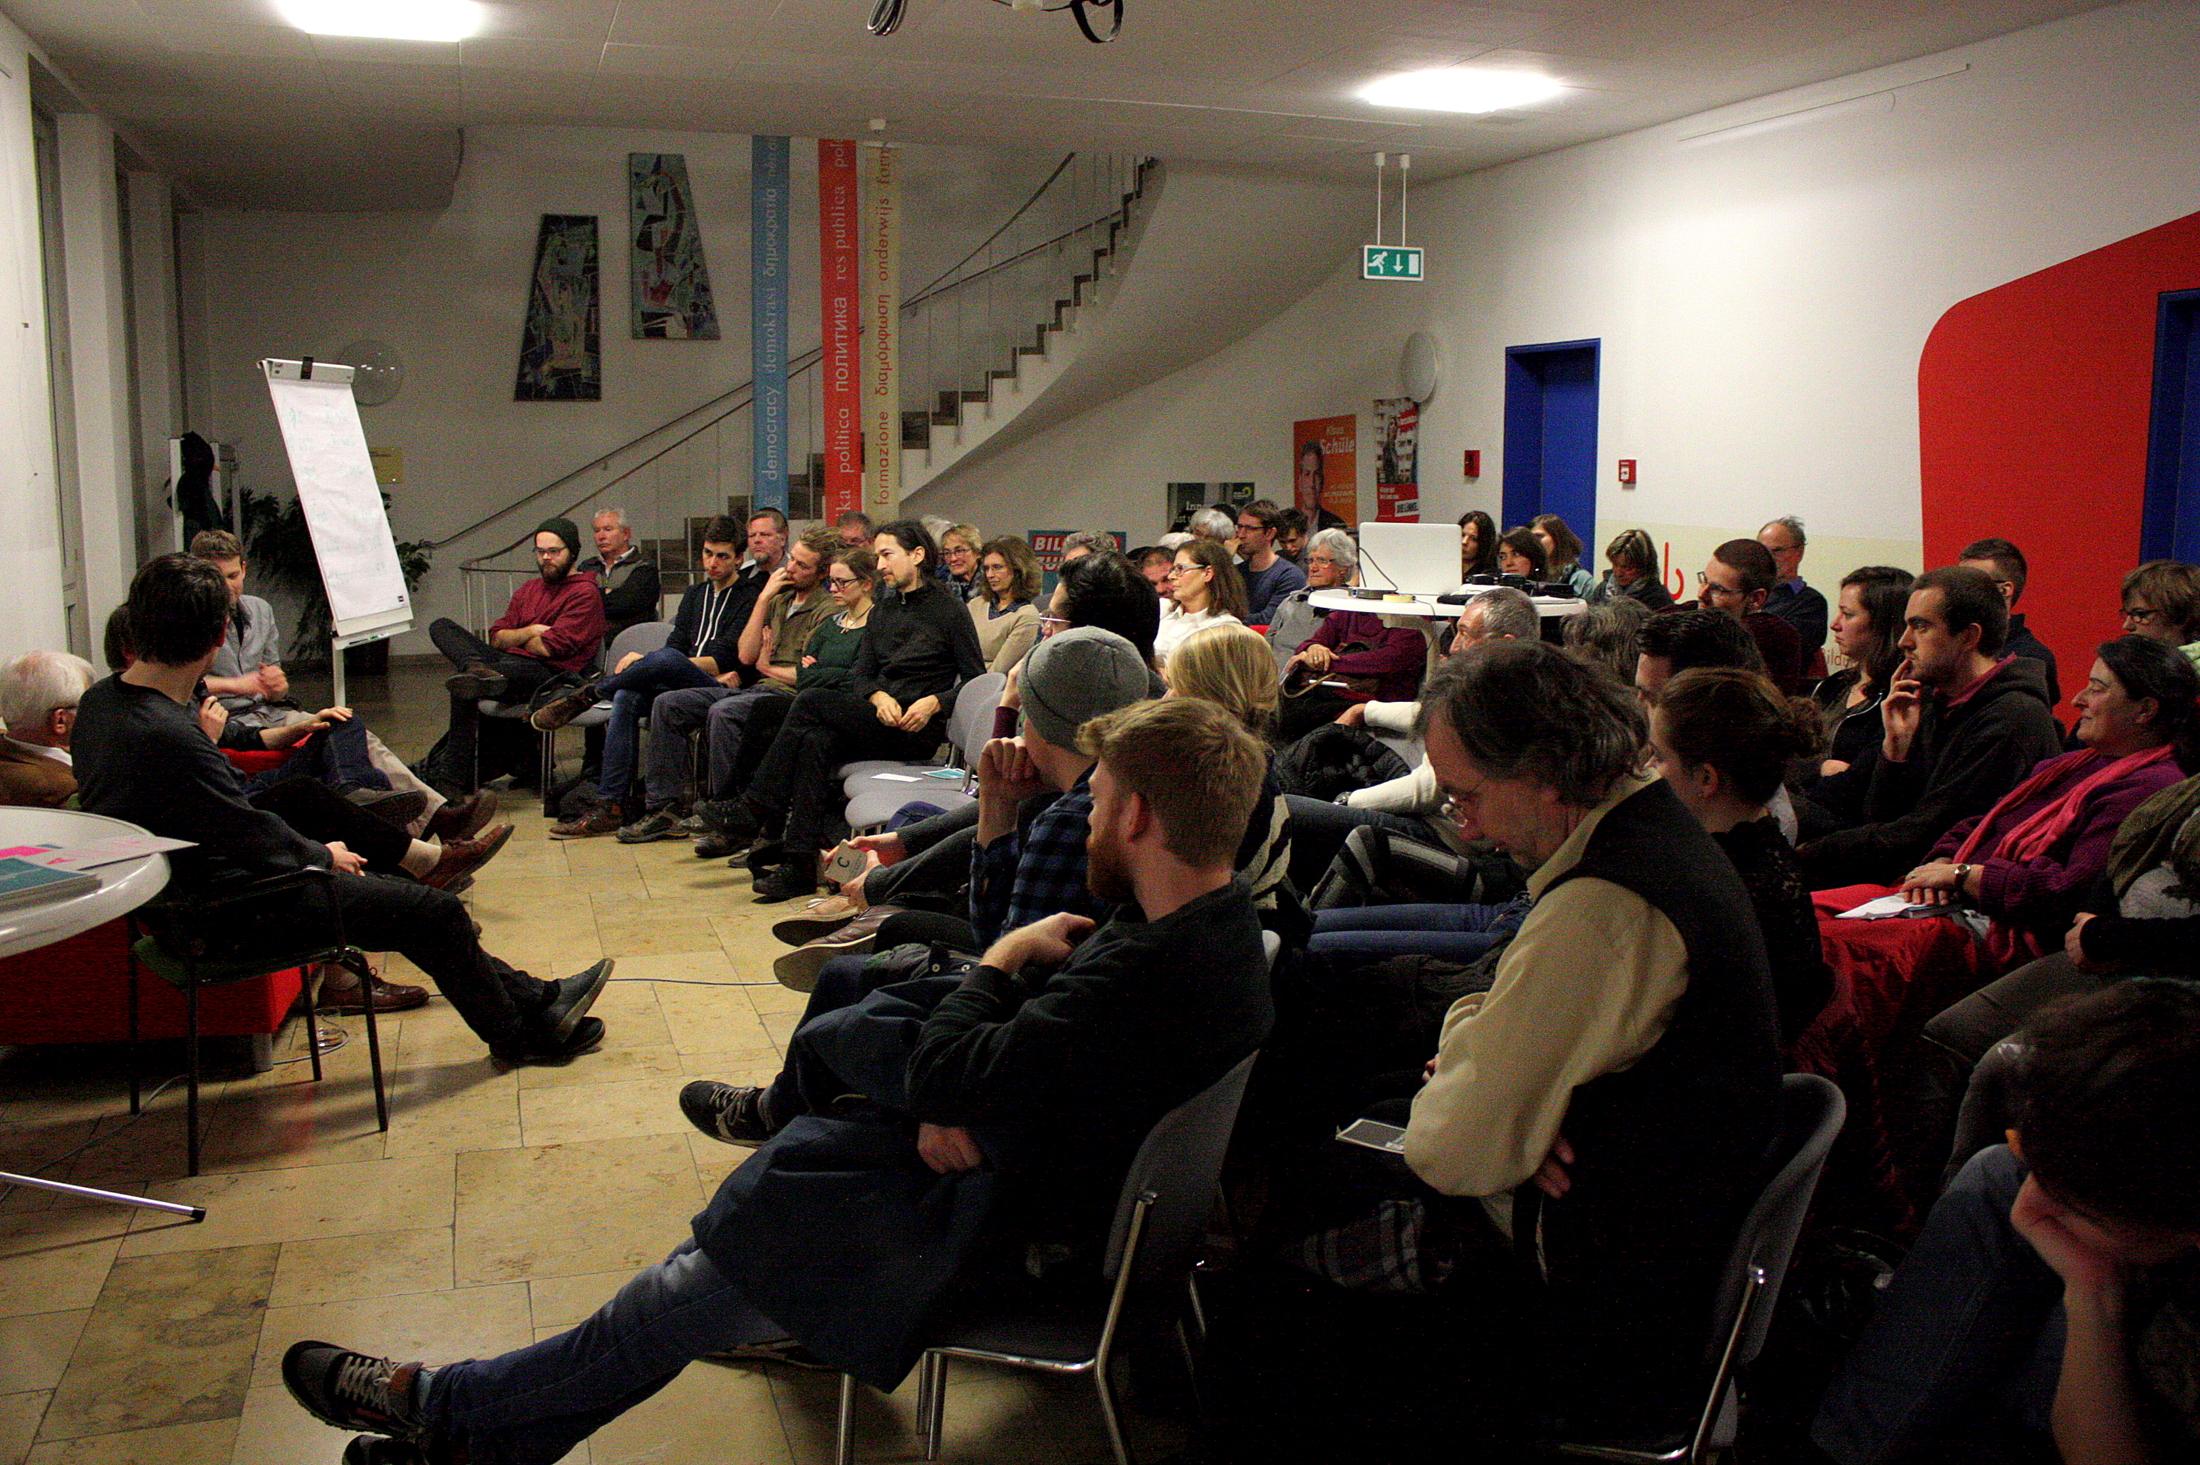 Volles Haus in der Landeszentrale für politische Bildung beim Tourstop von Perspective Daily am 5. Februar